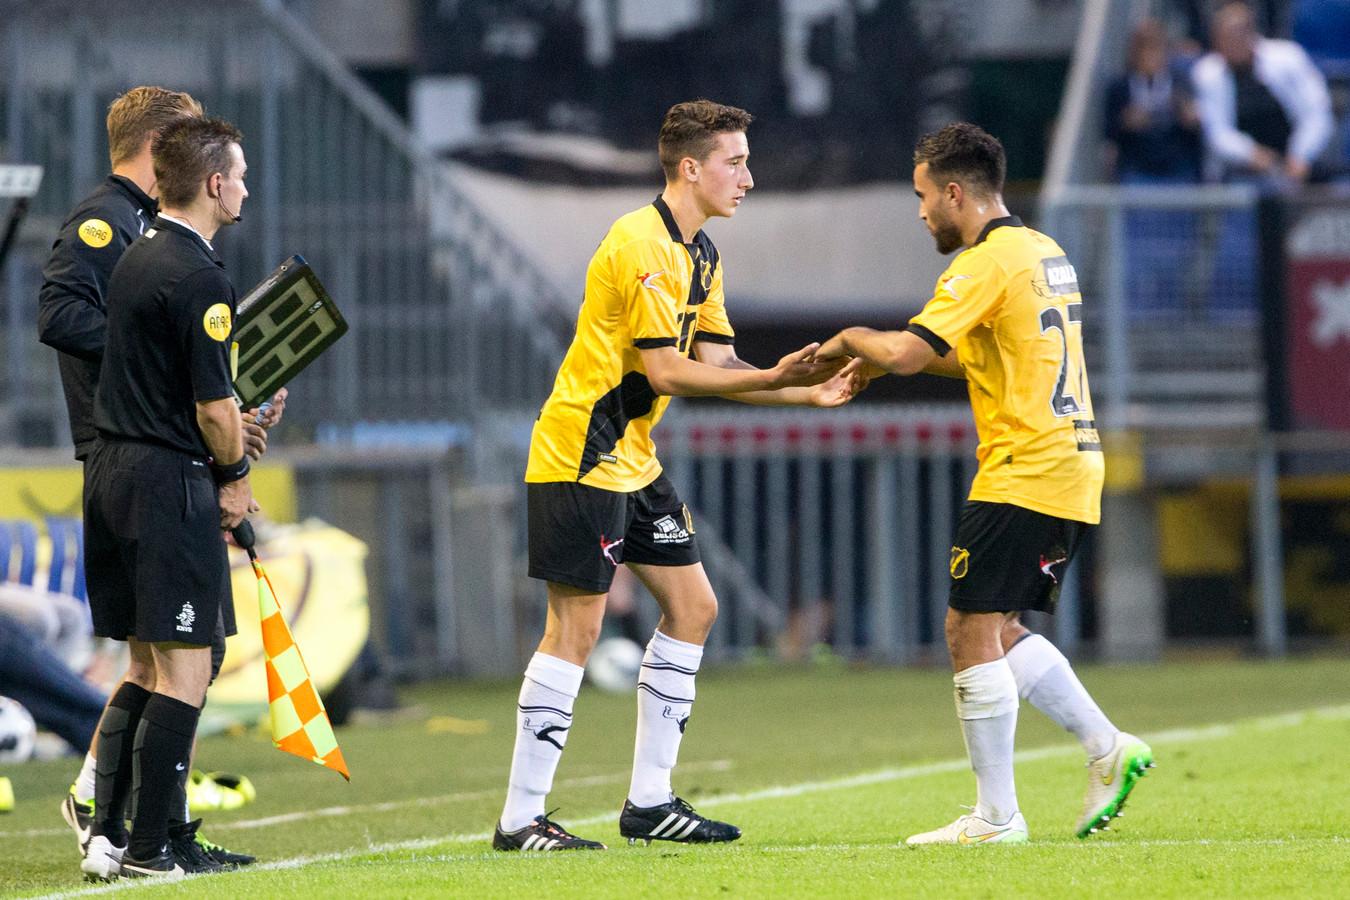 Debuut van Bodi Brusselers, tegen Jong FC Utrecht in het seizoen 2016-2017. Hij vervangt Mounir El Allouchi en scoort vijf minuten later.